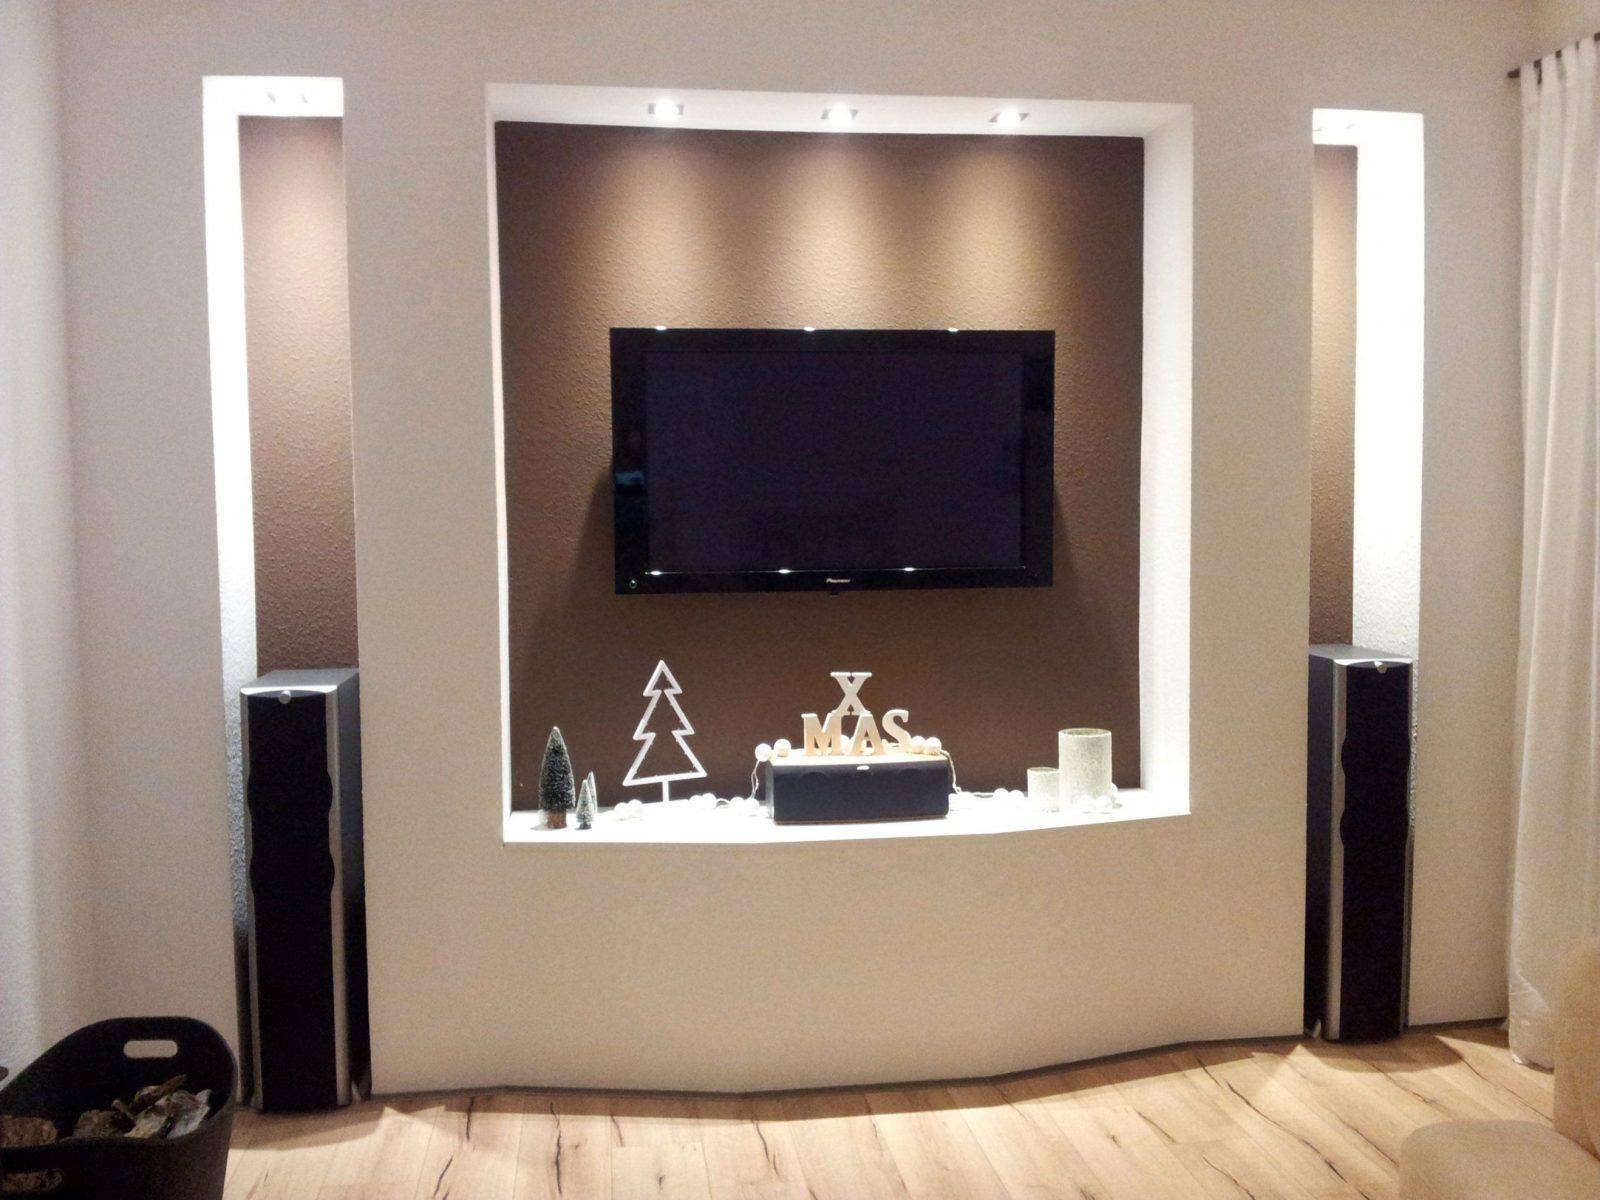 tv wand selber bauen ideen, tv wand bauen mit groß ideen kühles wohnwand ideen selber machen tv, Design ideen